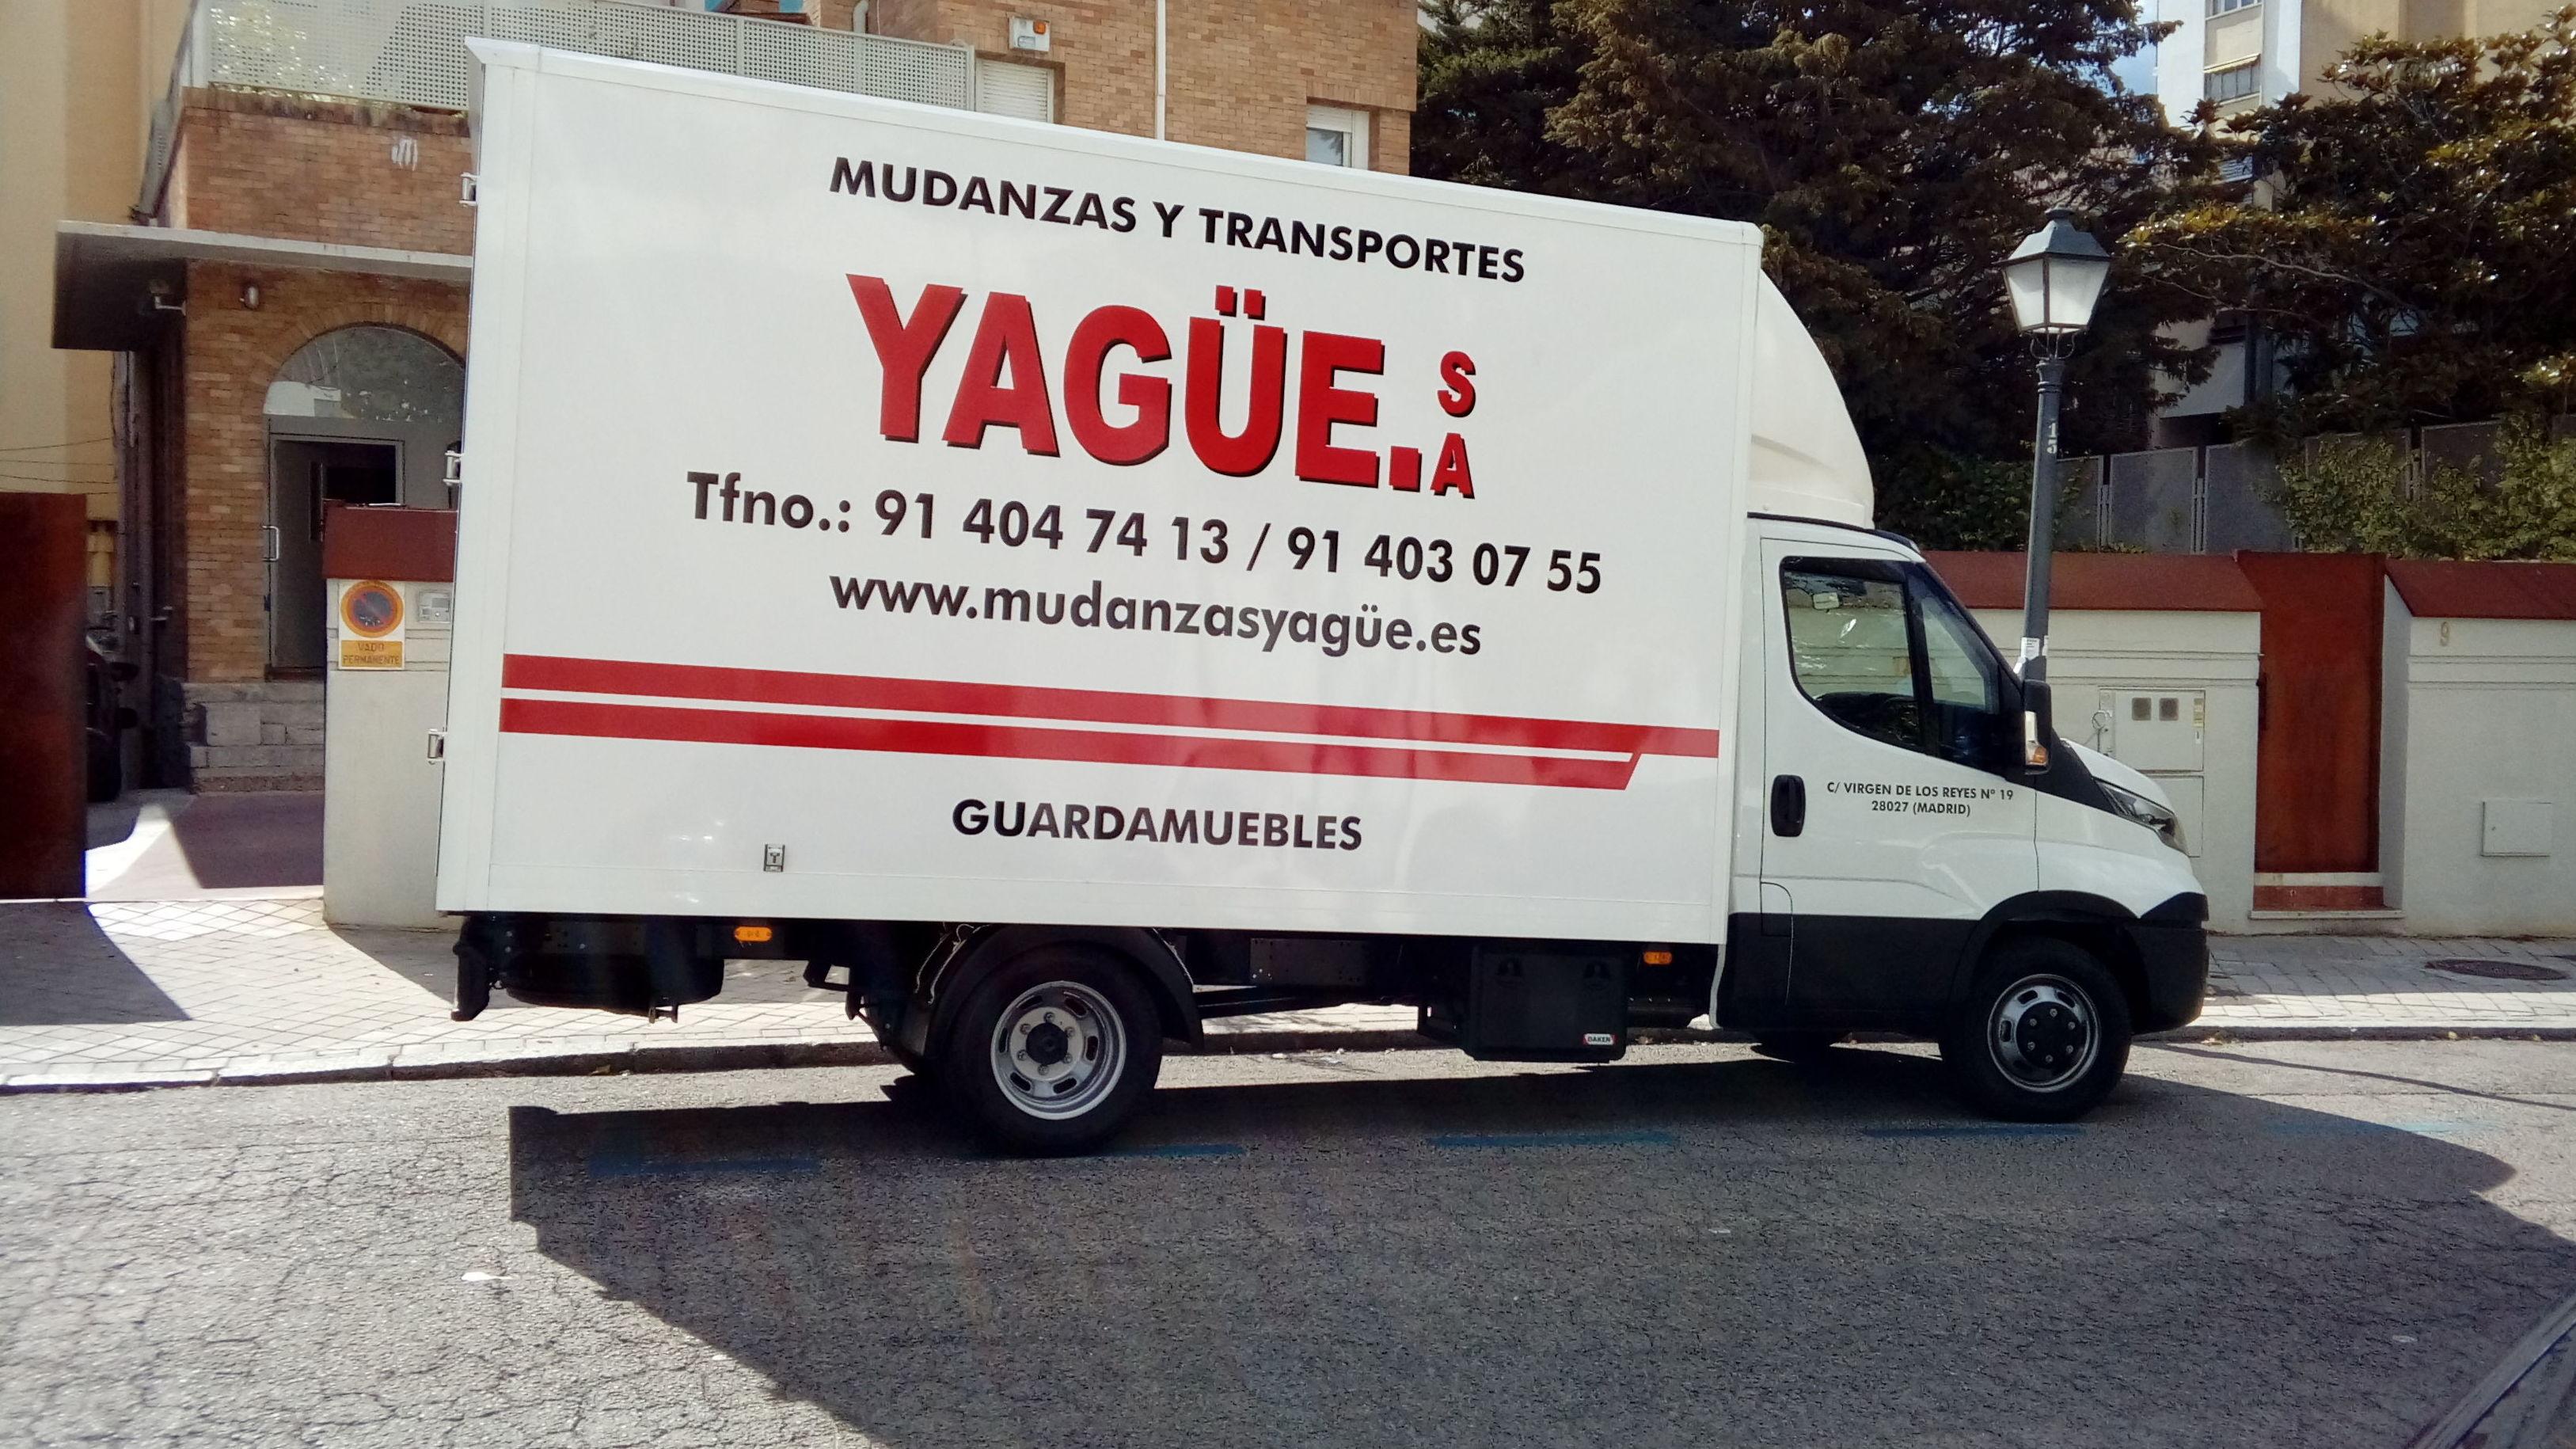 Foto 18 de Mudanzas y guardamuebles en Madrid | Mudanzas Yagüe              914047413